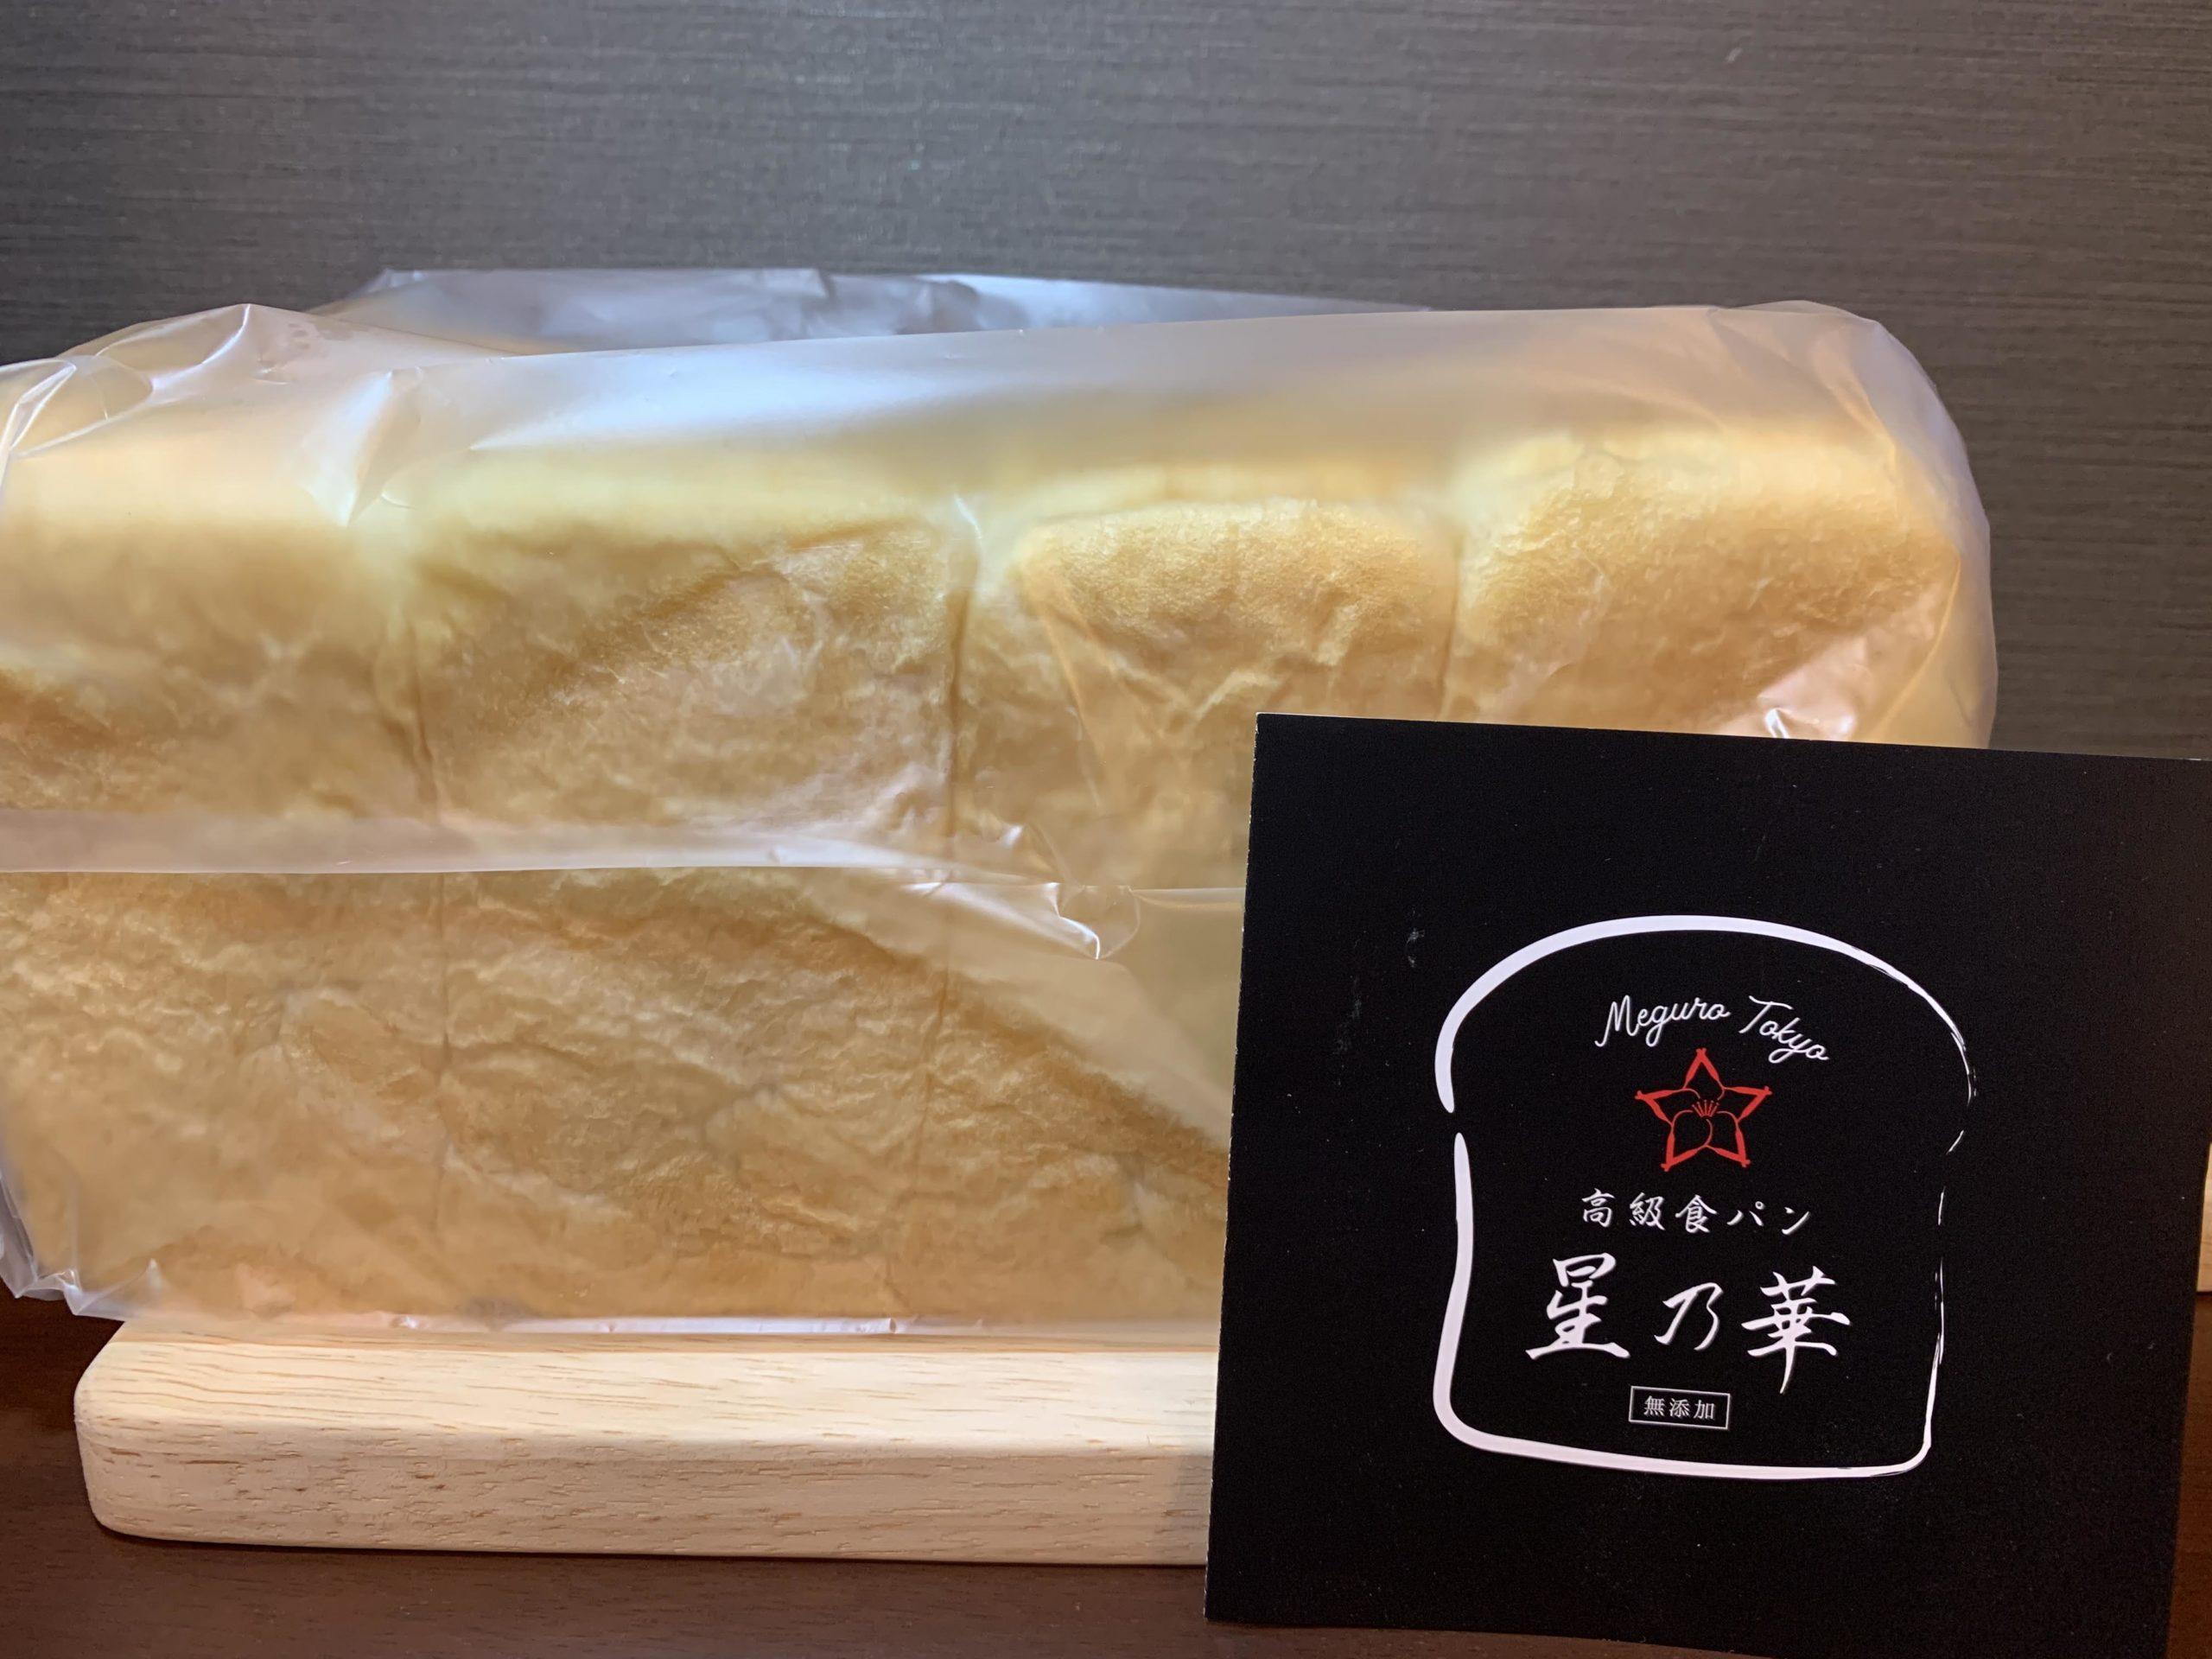 高級食パン専門店星乃華へ行ってみた:値段や味の感想、予約などは?